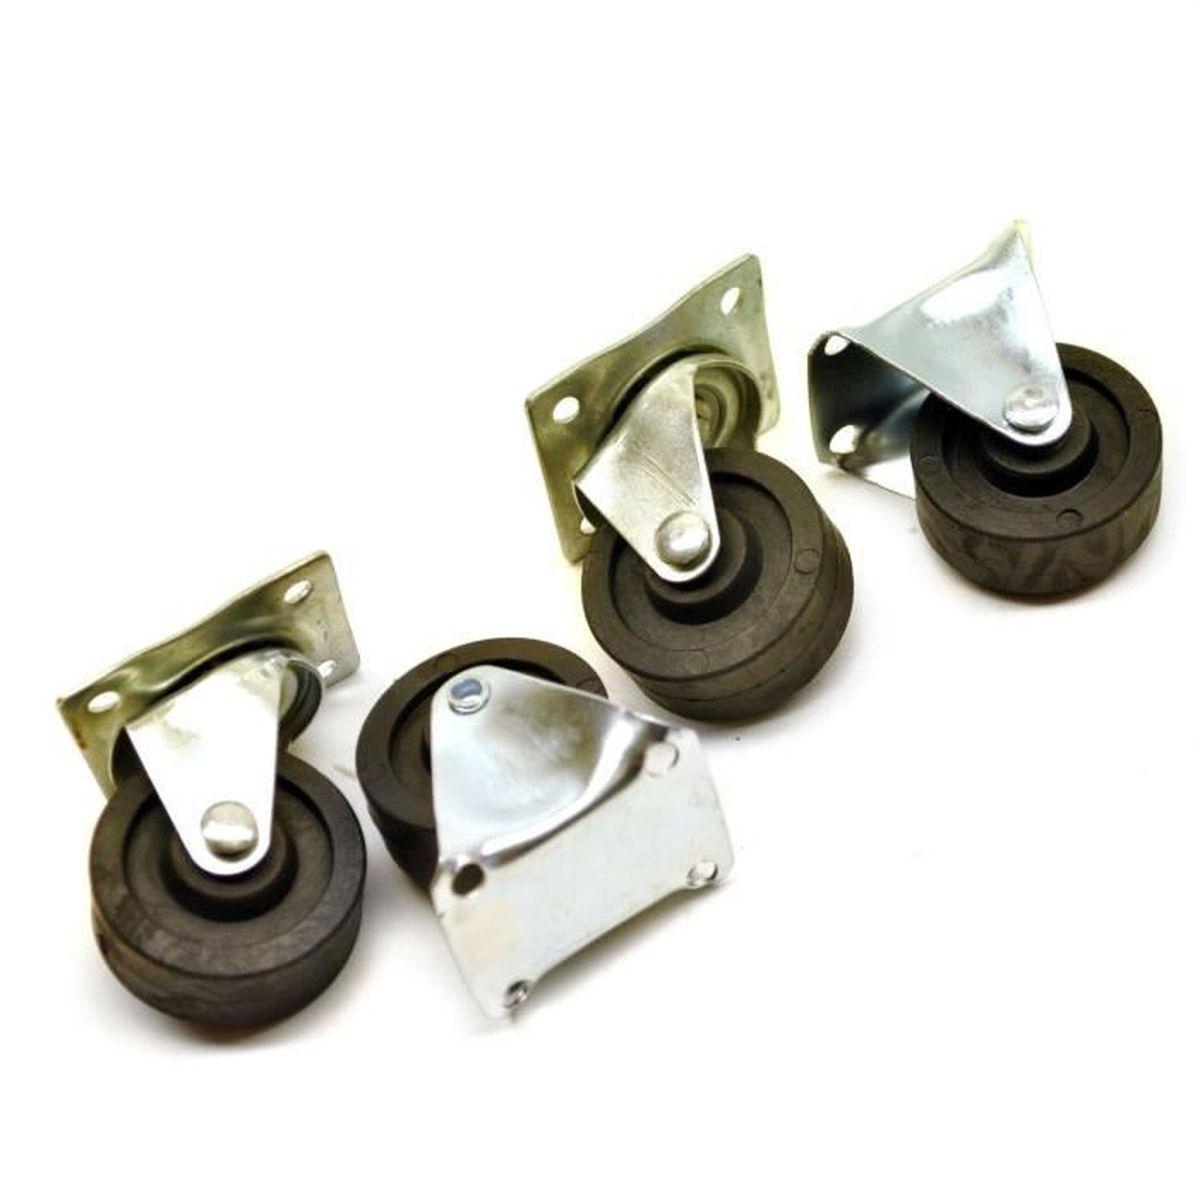 40mm roues castor 4pc Trolley 2 x et 2 x fixe bureau pivotant TE372 rouleaux